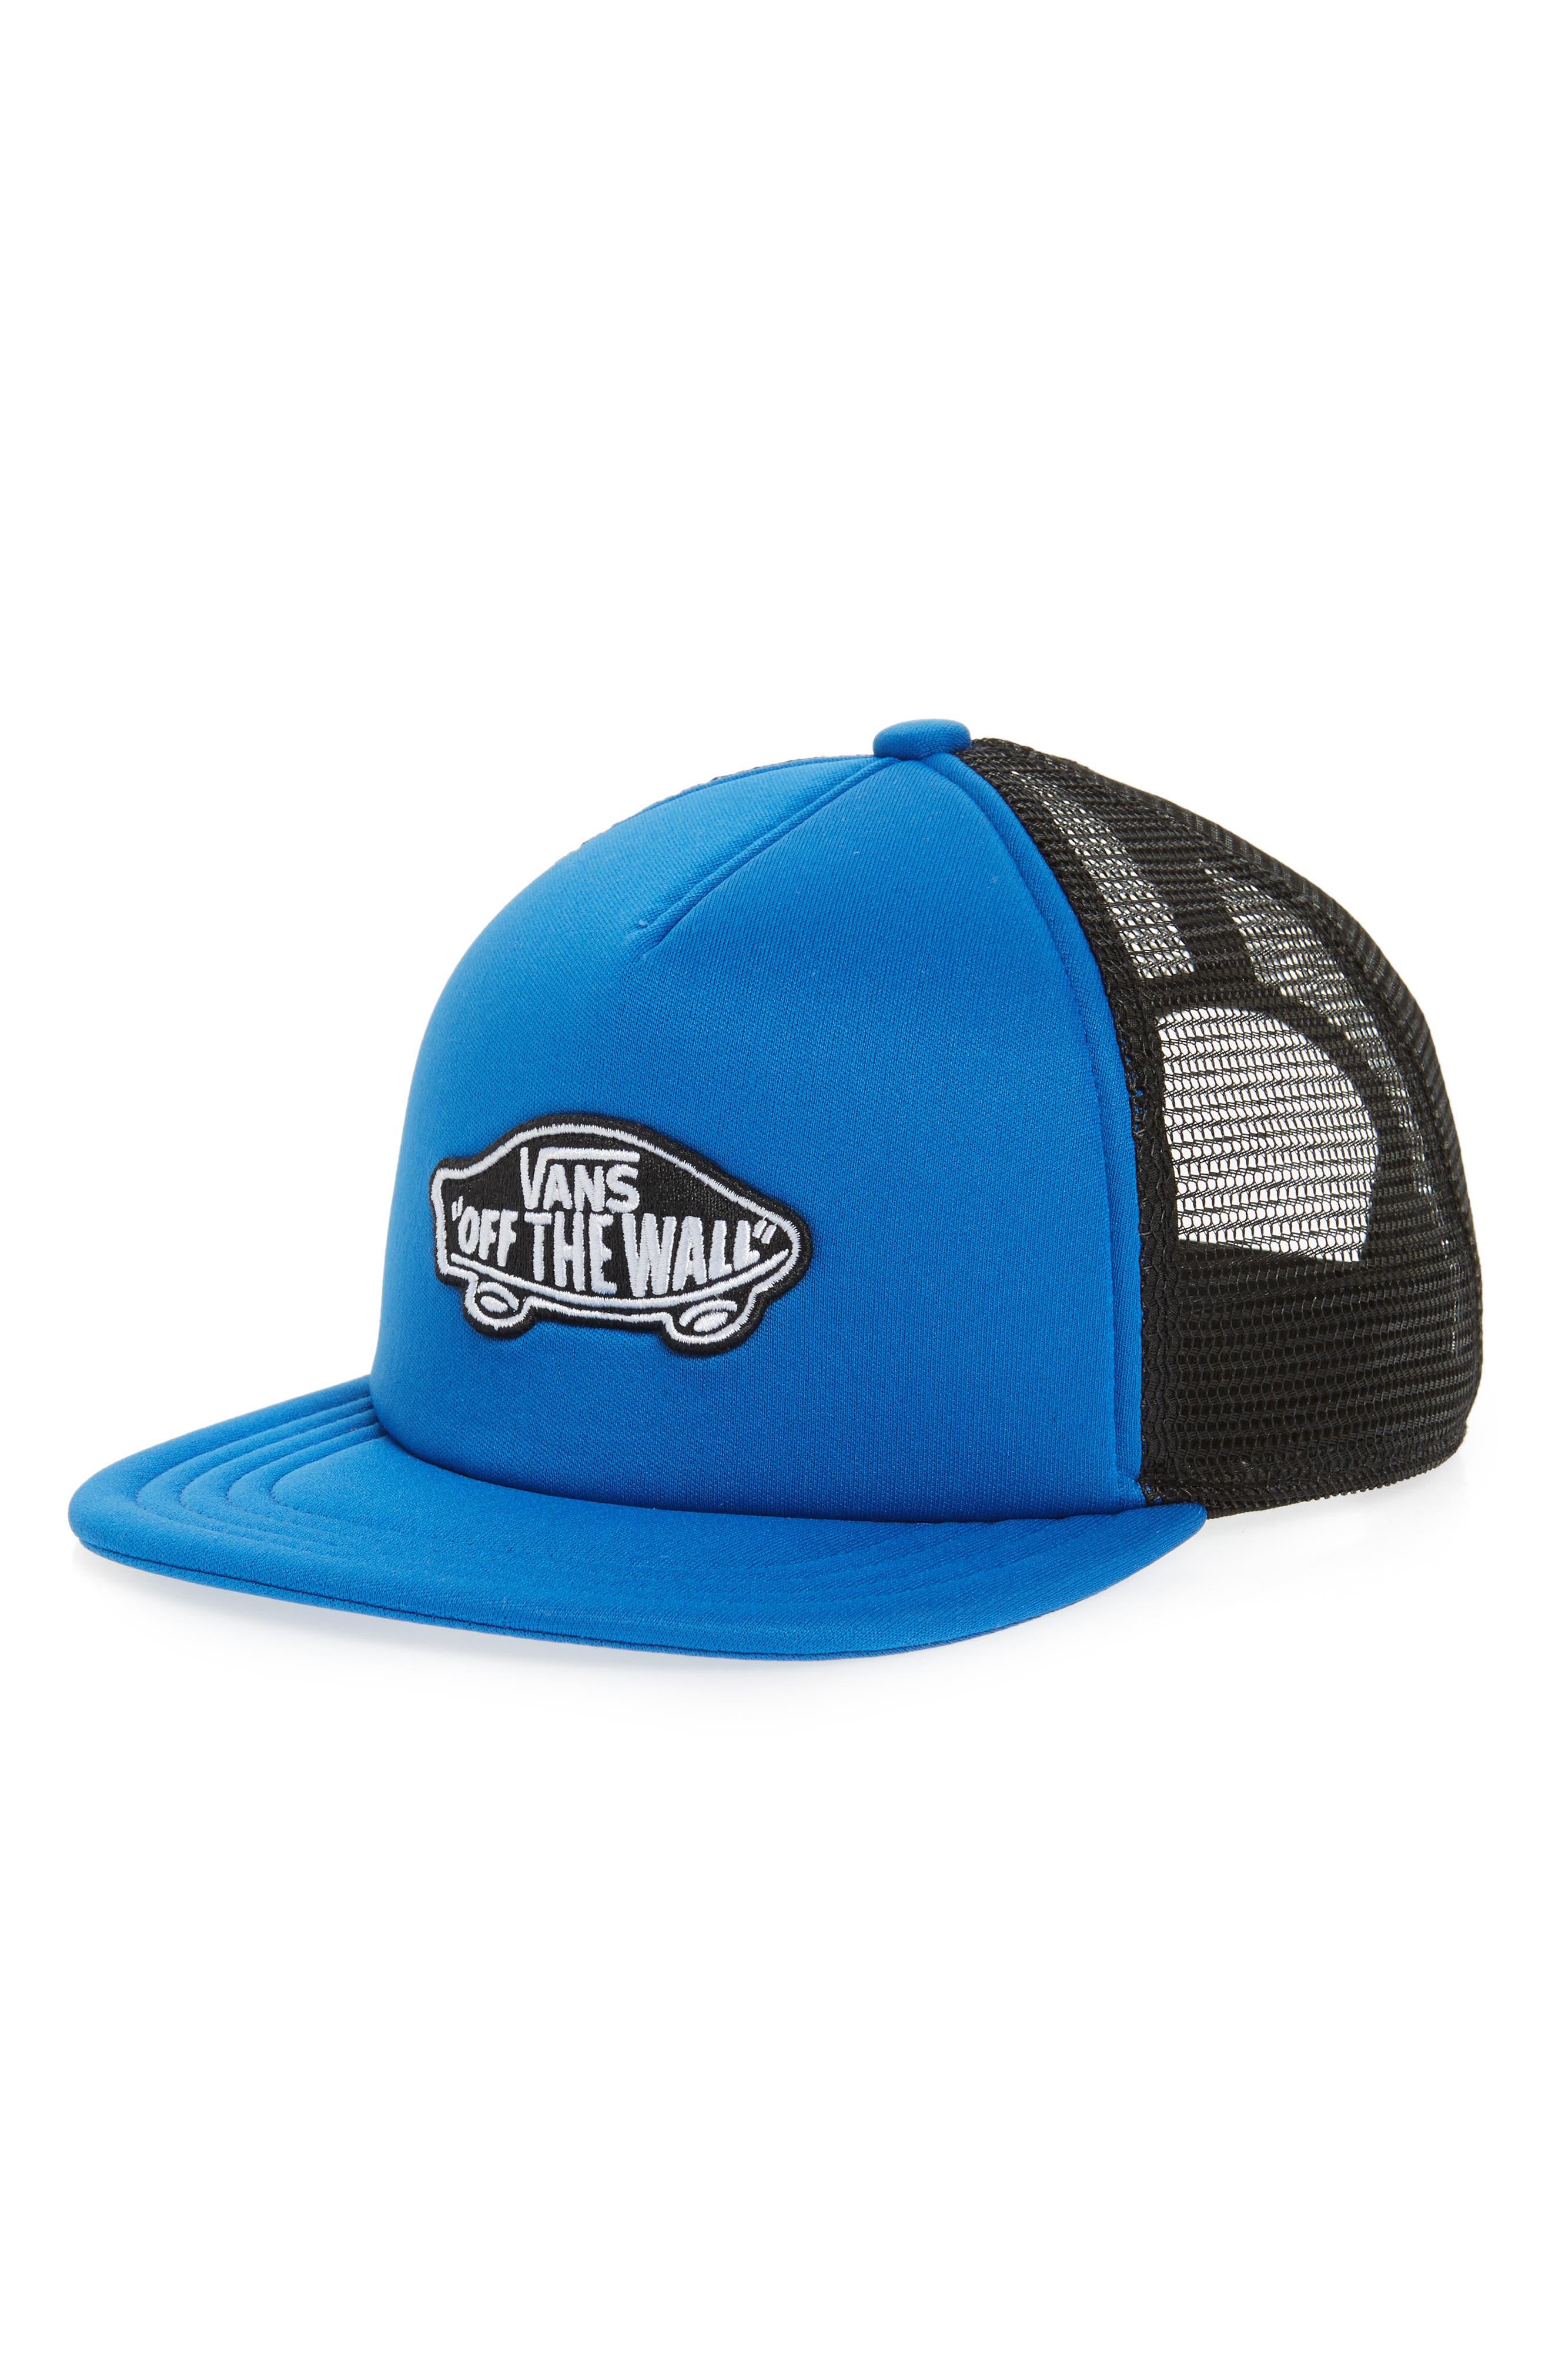 boys vans hat